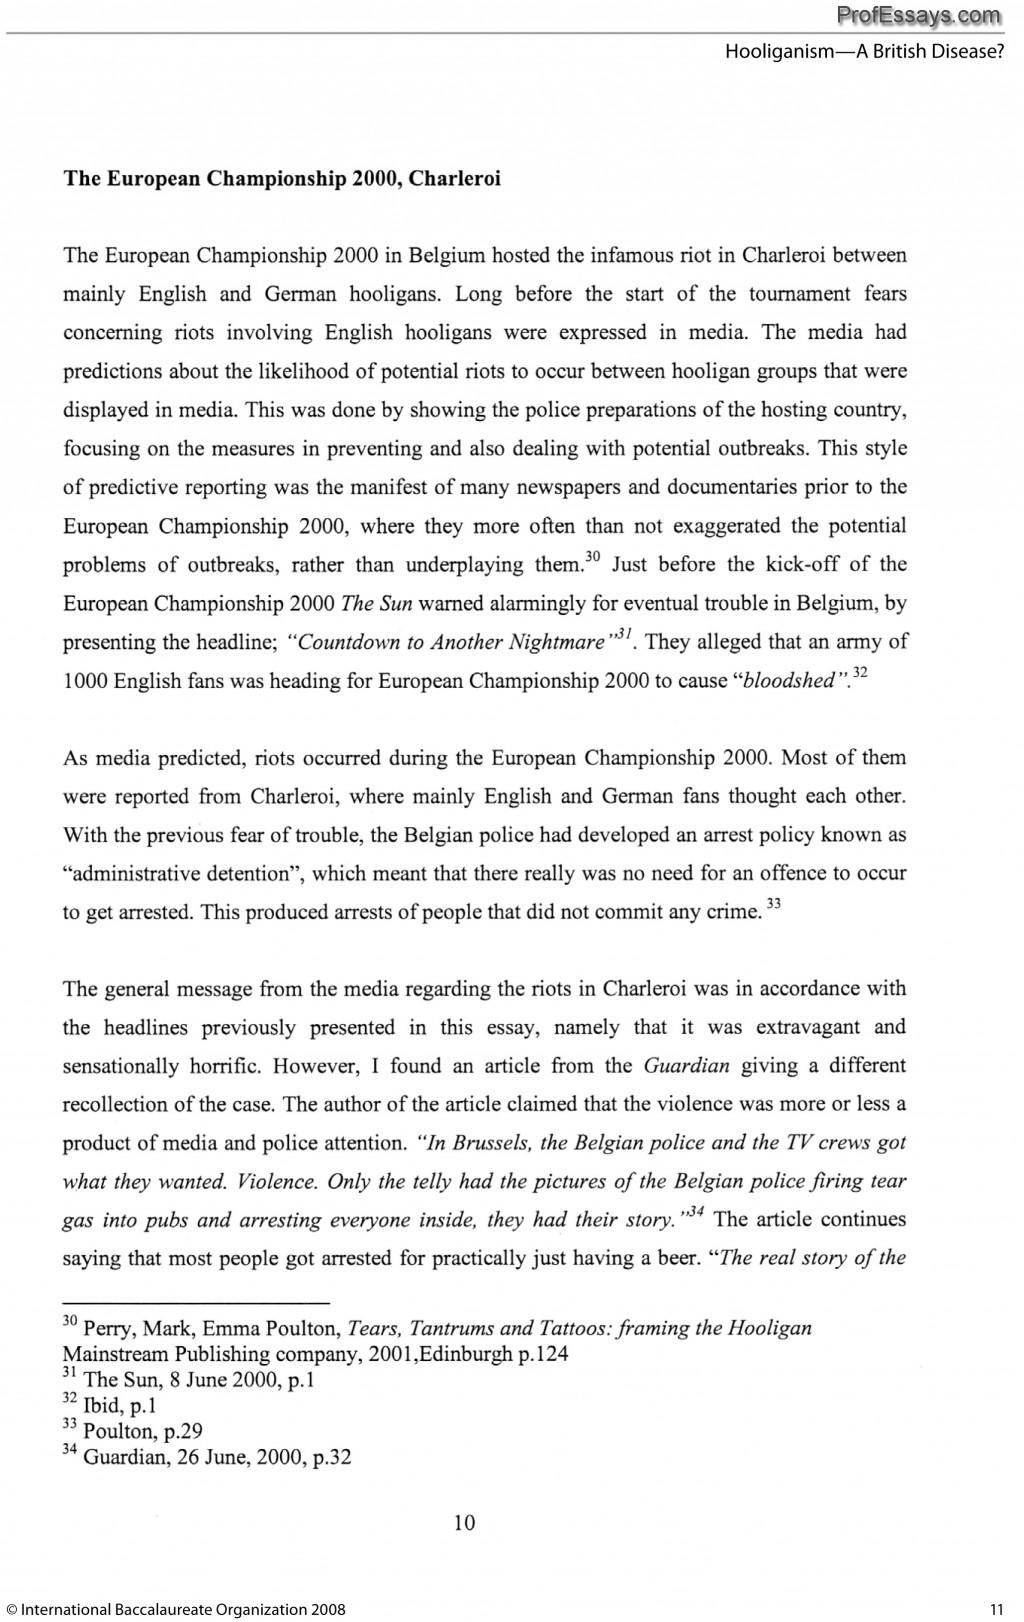 002 Free Professional Essays Ib Extended Essay Sample Impressive Large